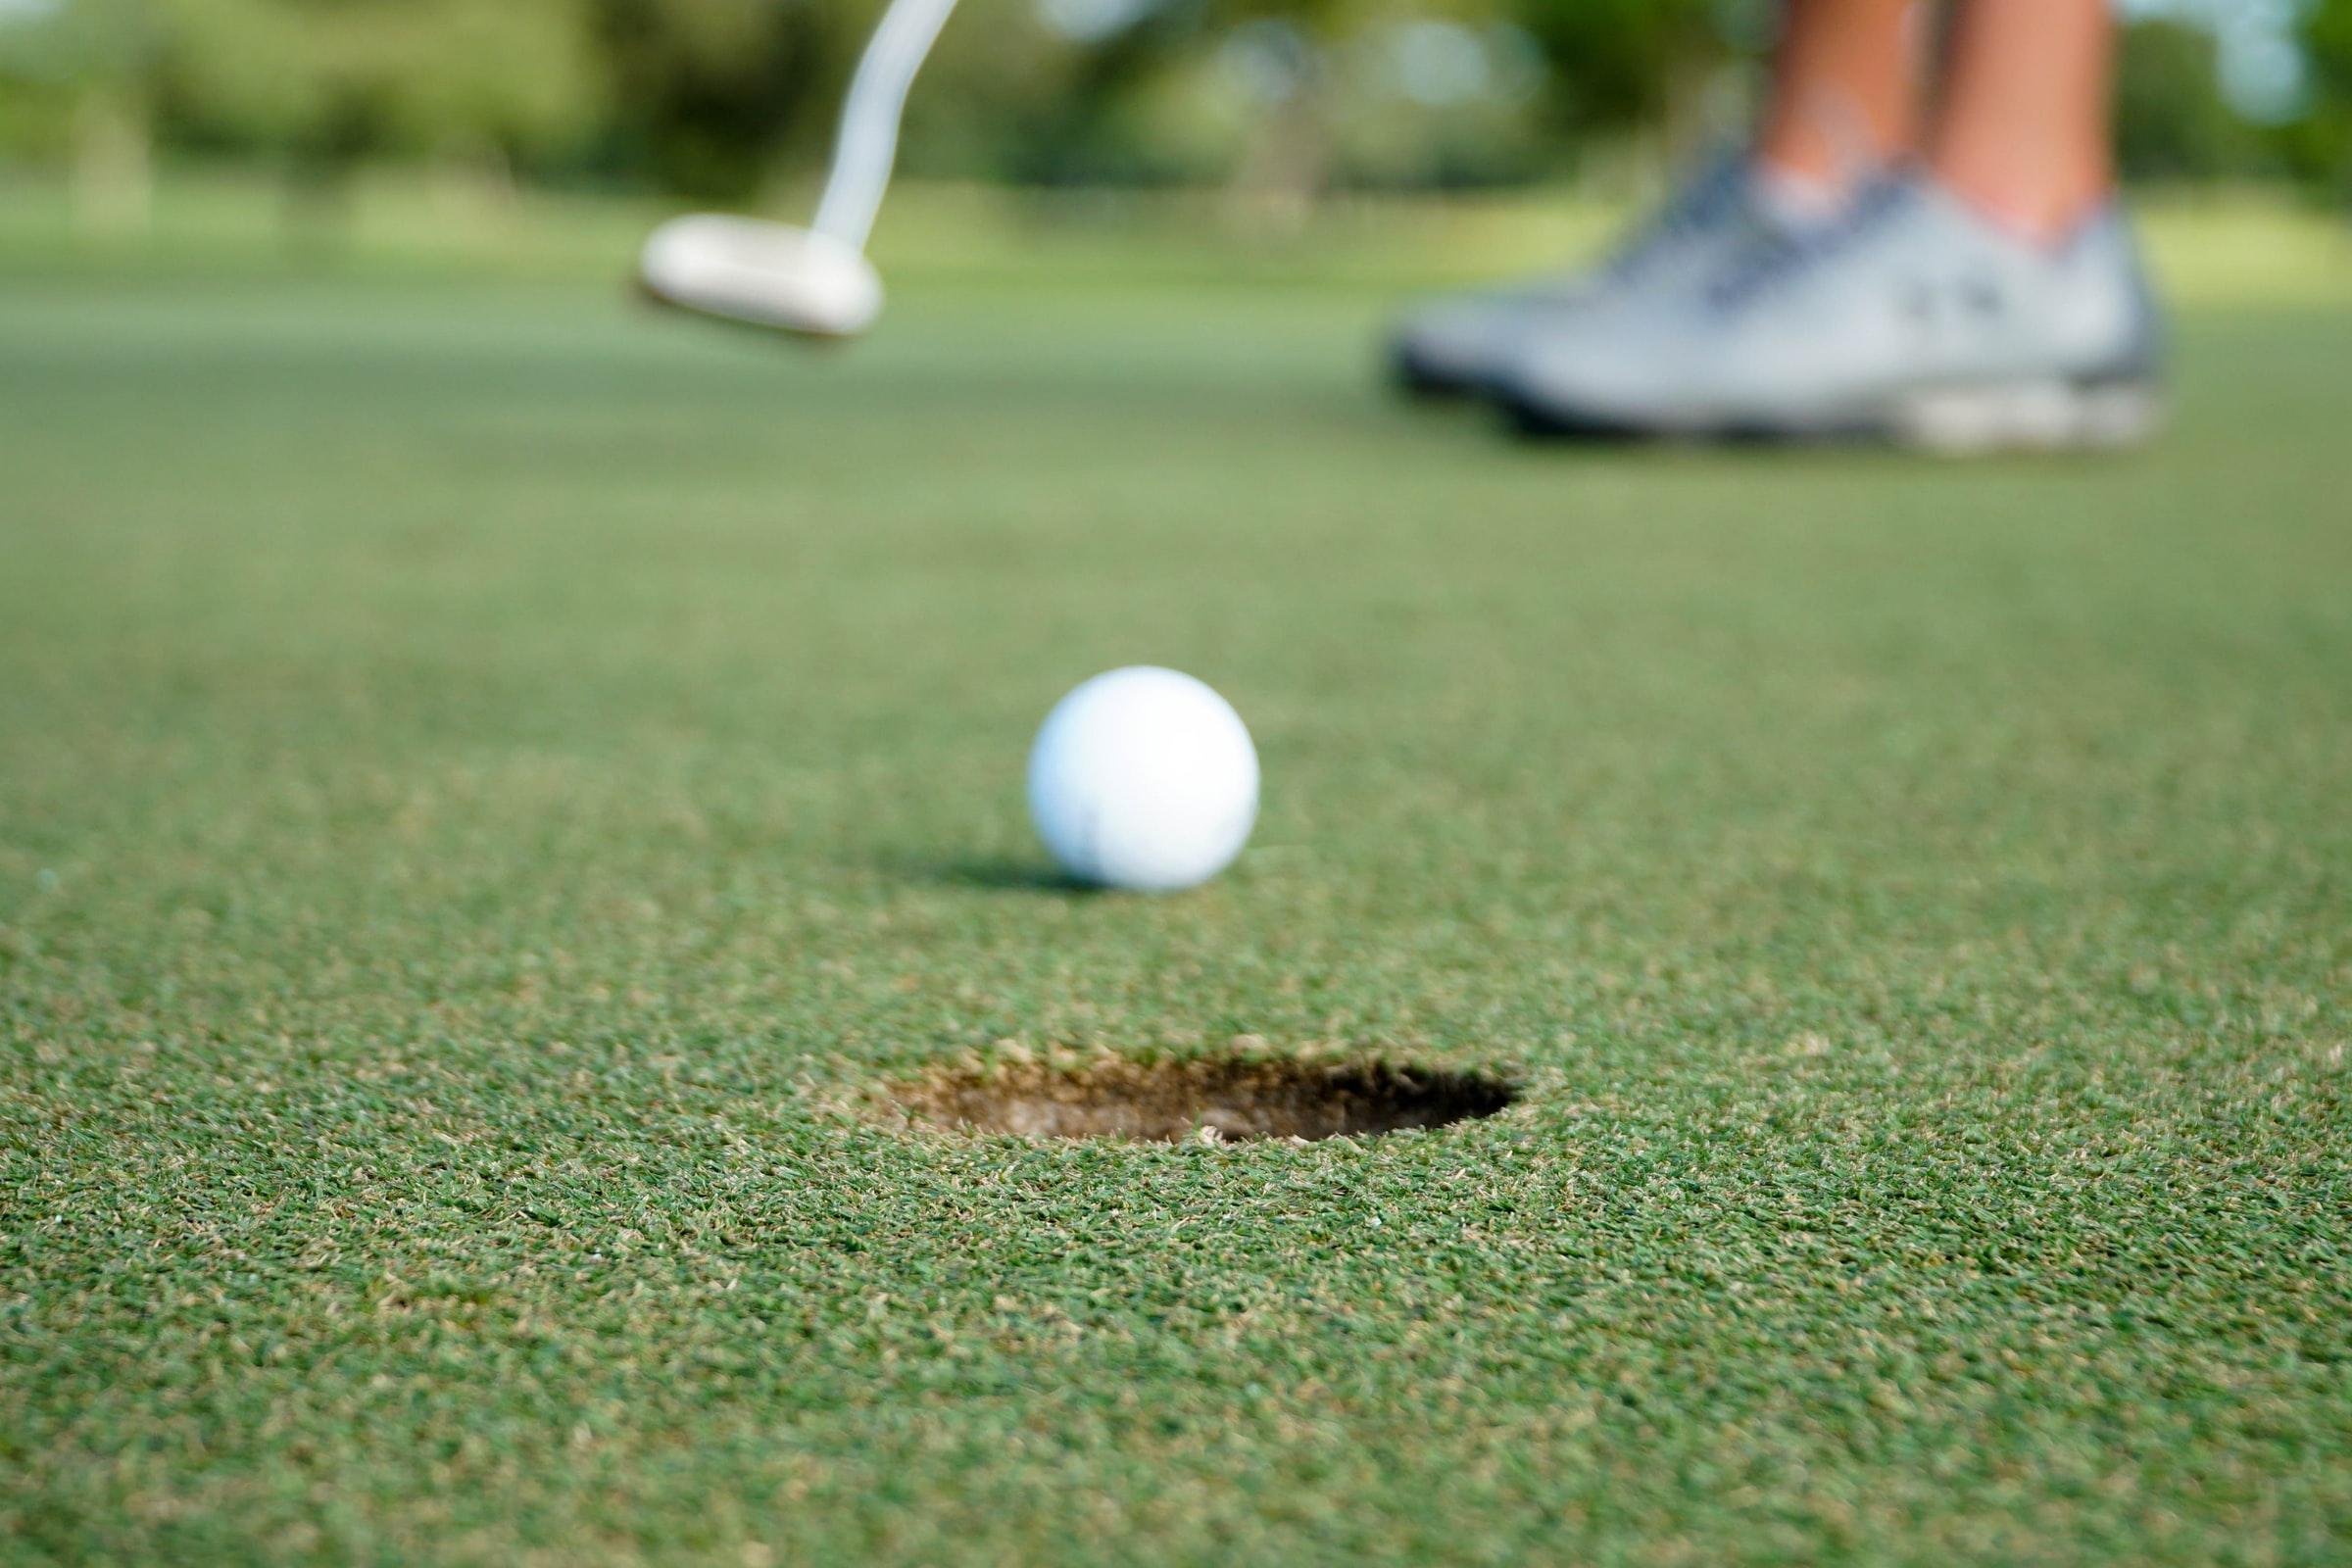 golfboll på väg mot hålet